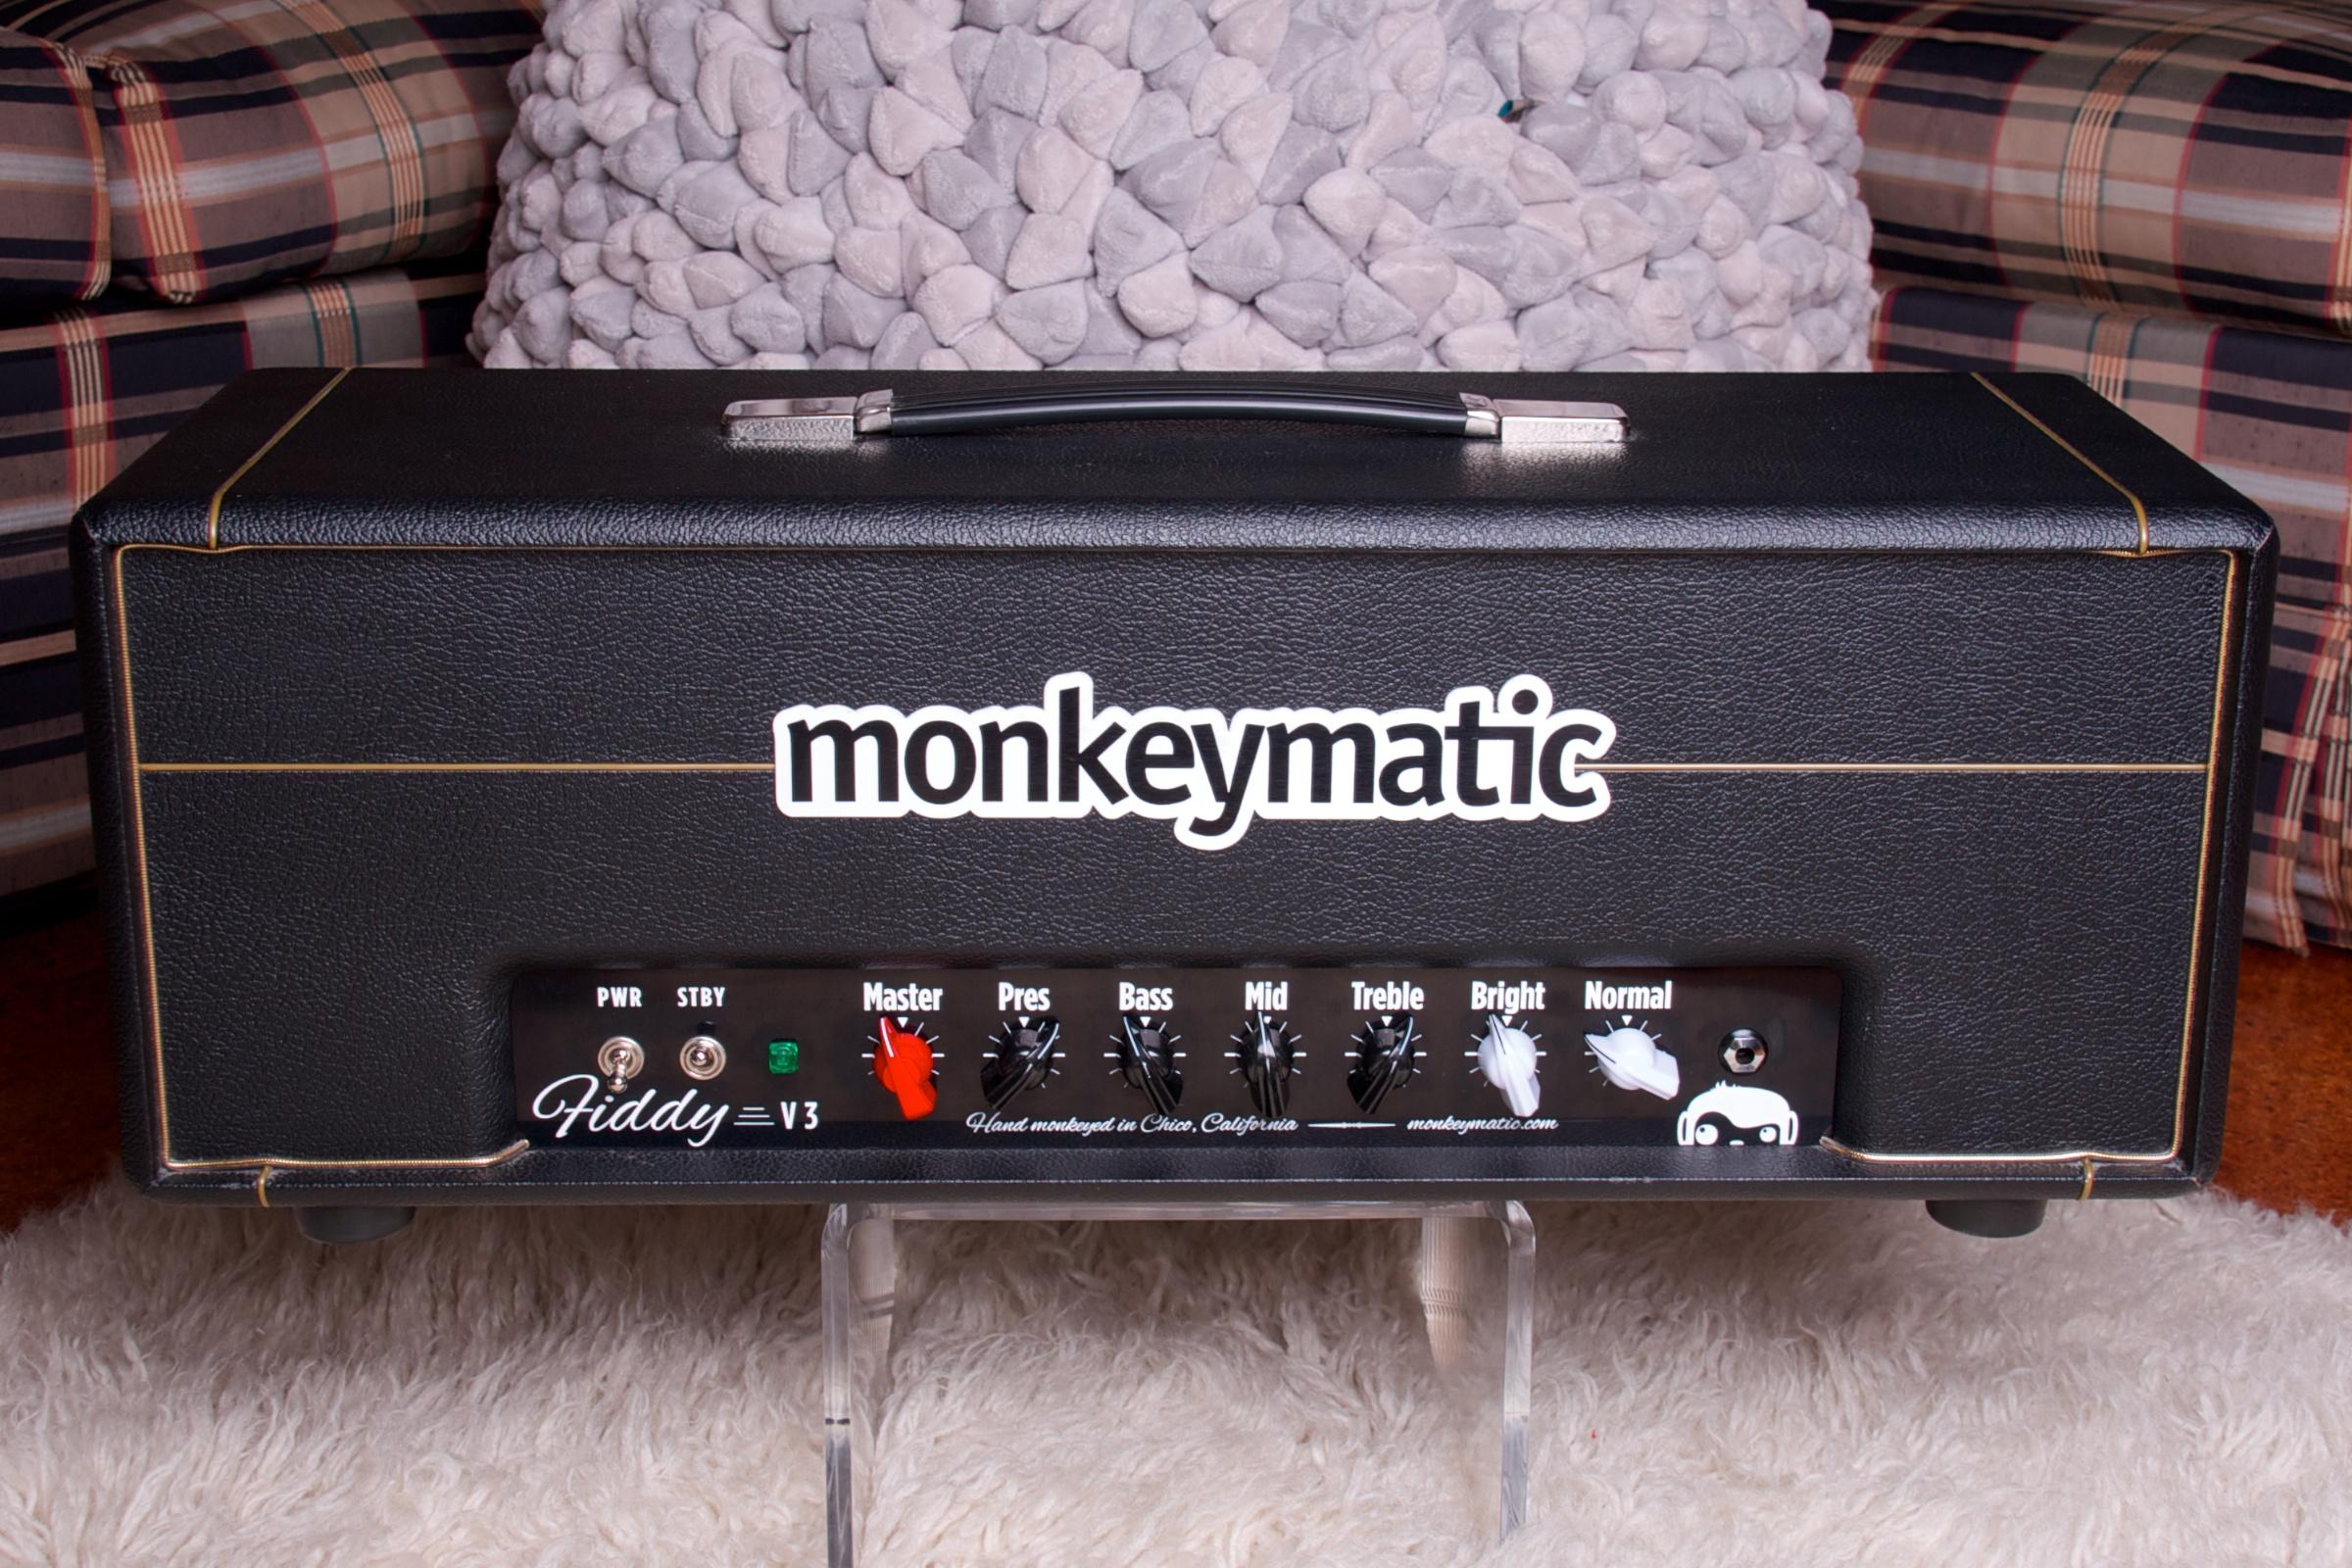 monkeymatic_fiddy_v3_2